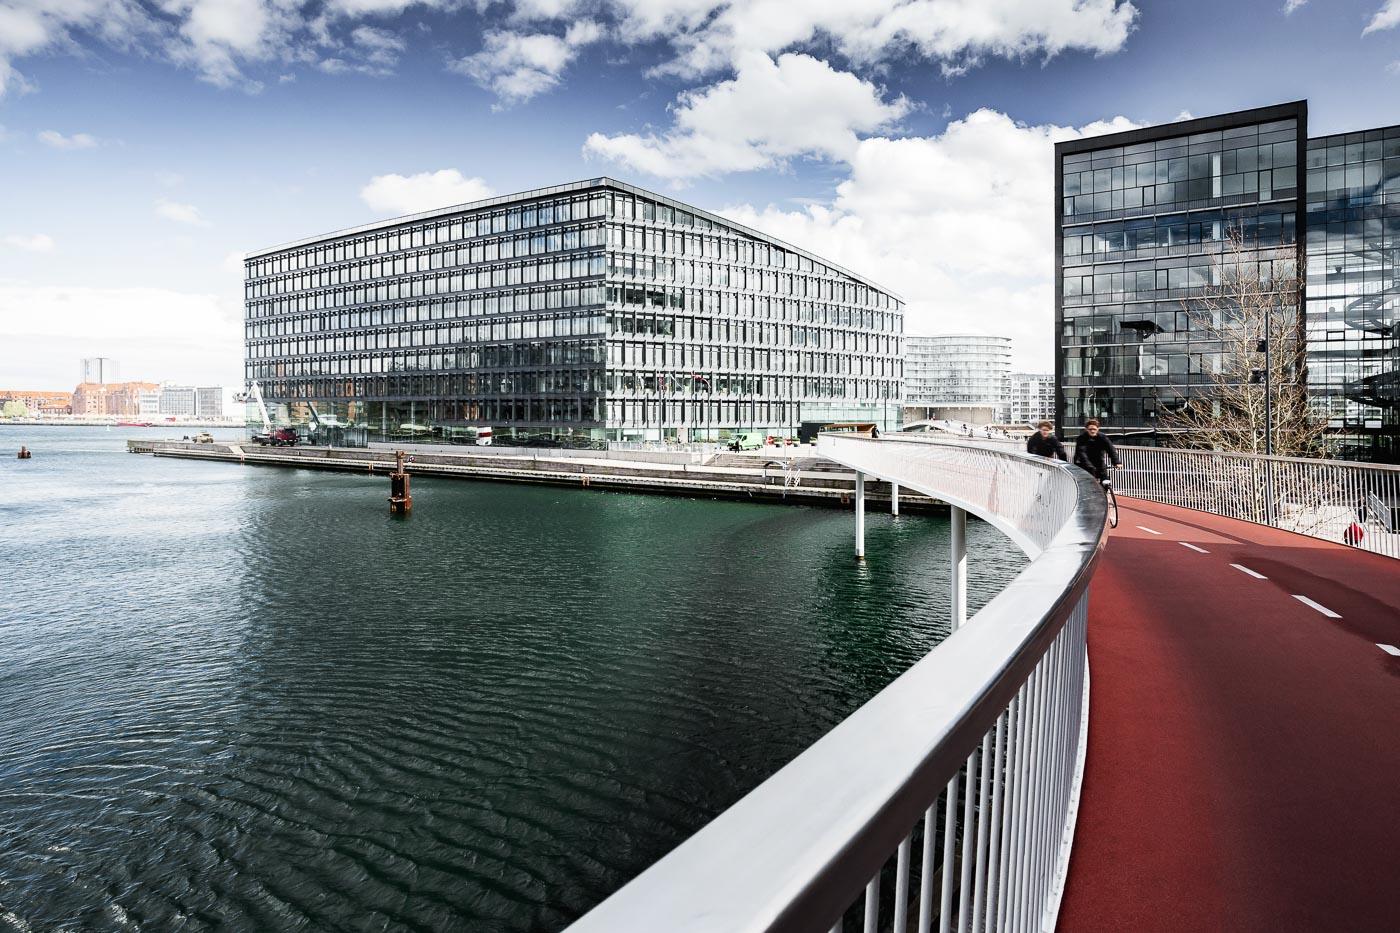 Kopenhagen Fahrradbrücke Cykelslangen über das innere Hafenbecken